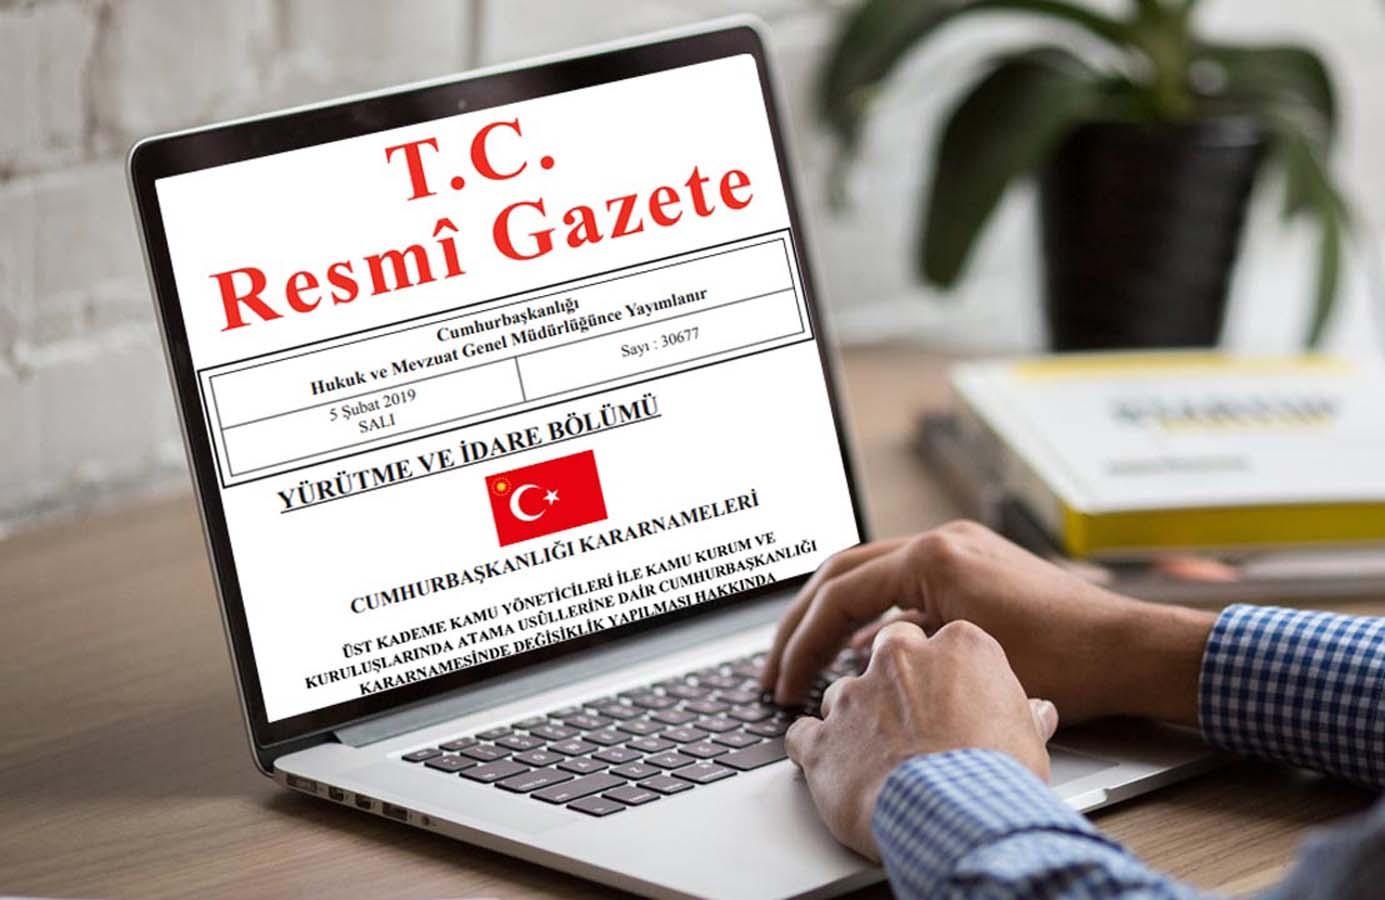 Resmi Gazete'de bugün (27.07.2021) | 27 Temmuz 2021 Resmi Gazete kararları